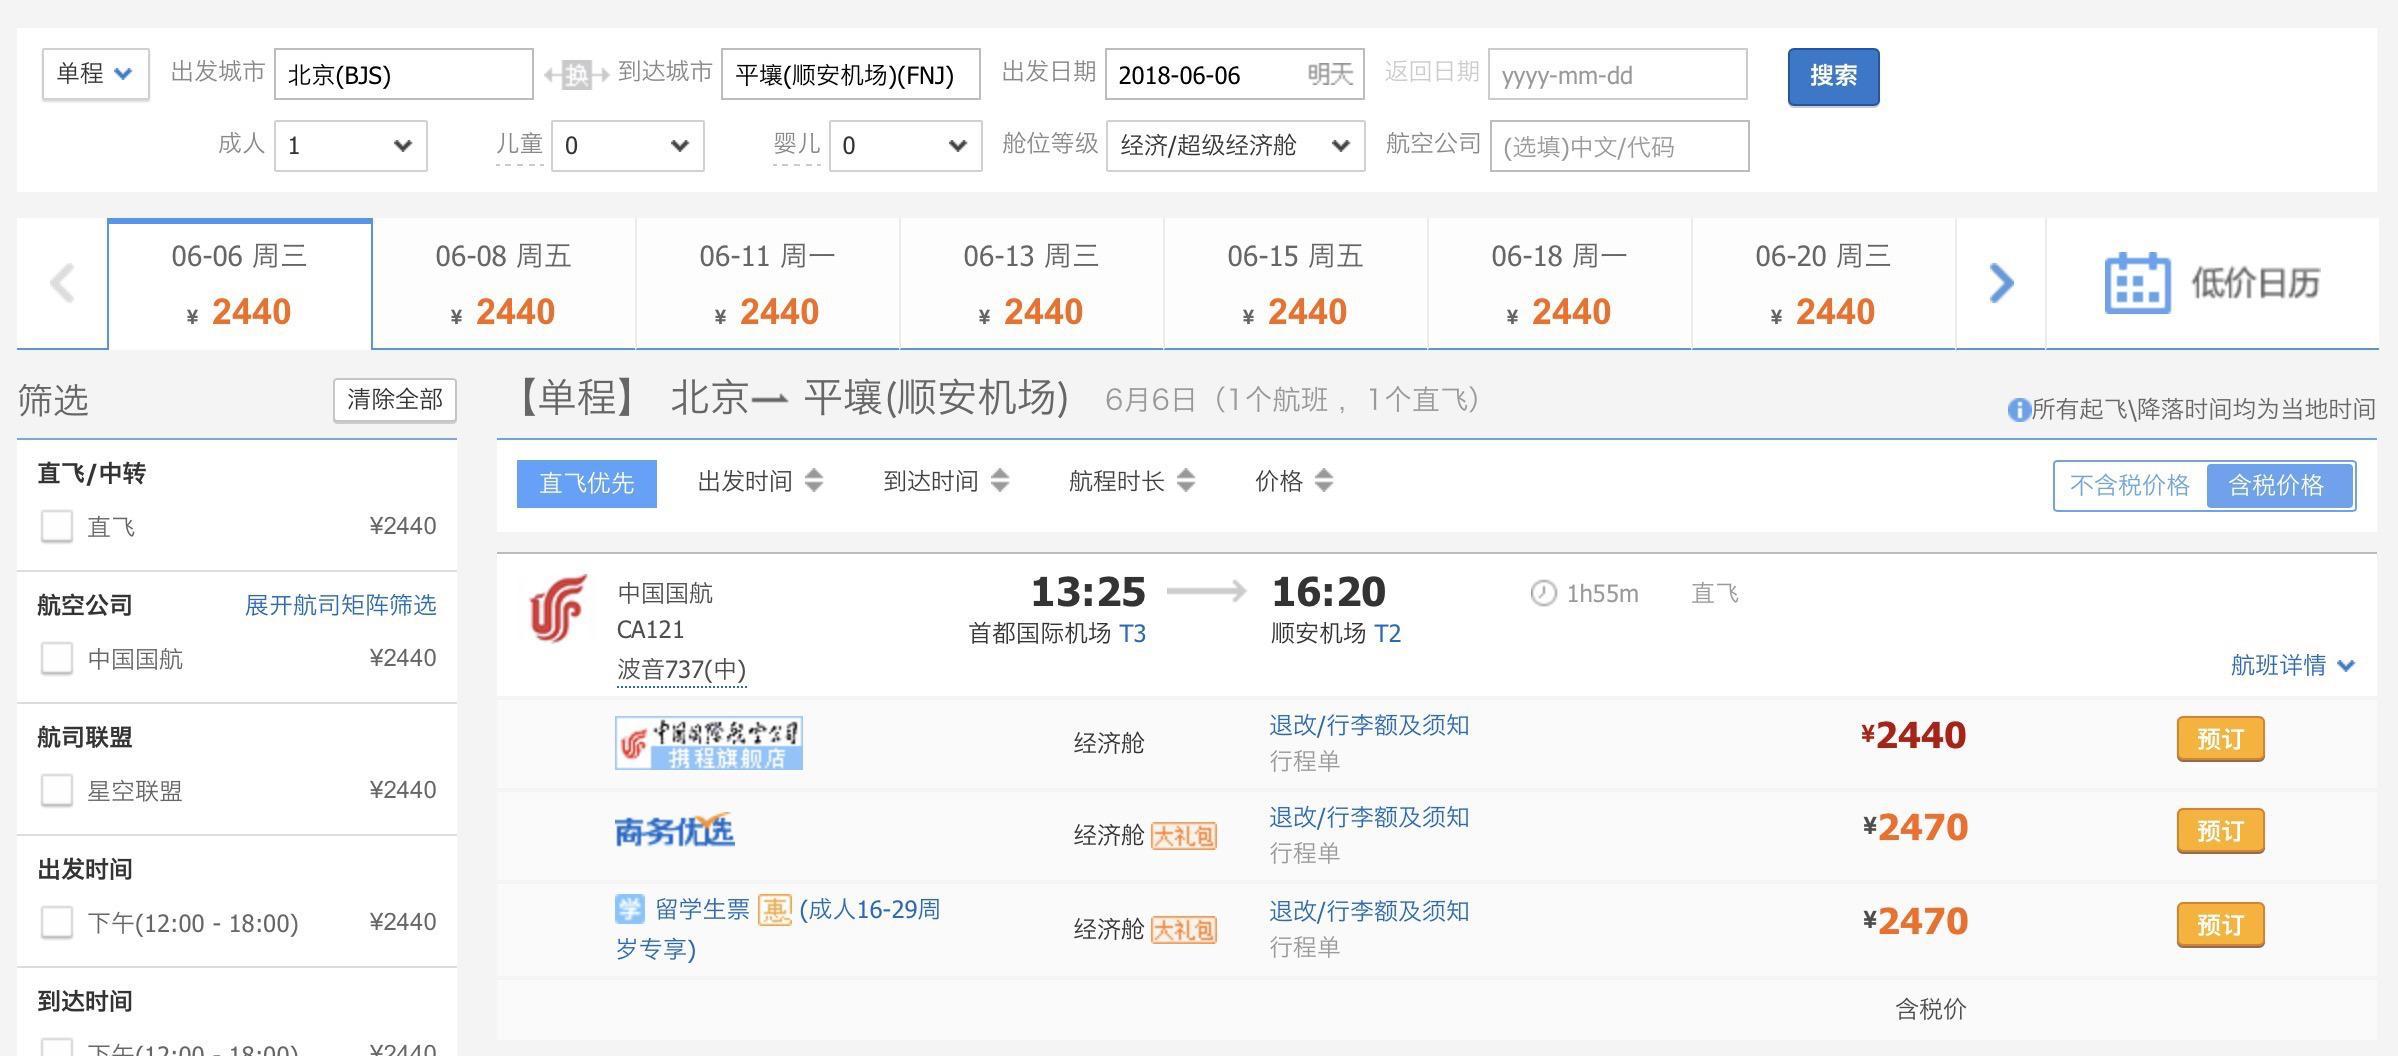 国航将恢复北京至平壤的定期航班 去年11月曾暂停